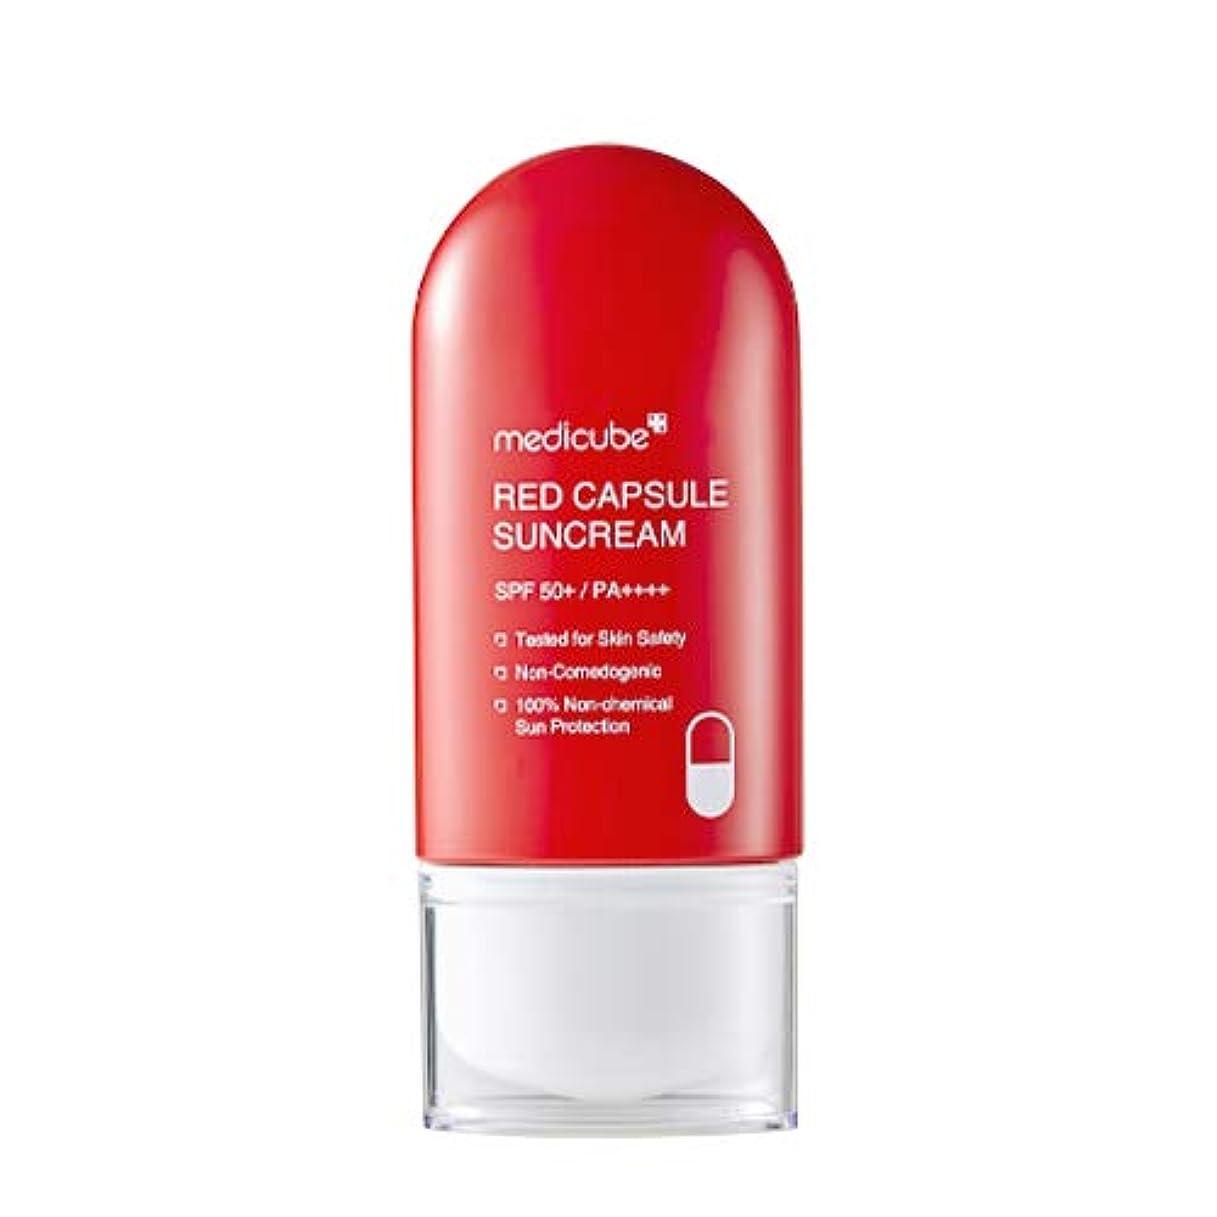 移動する旋律的ストラトフォードオンエイボン[medicube] Red Capsule Suncream SPF50+/ PA++++ / [メディキューブ] レッドカプセルサンクリーム SPF50+/ PA++++ [並行輸入品]